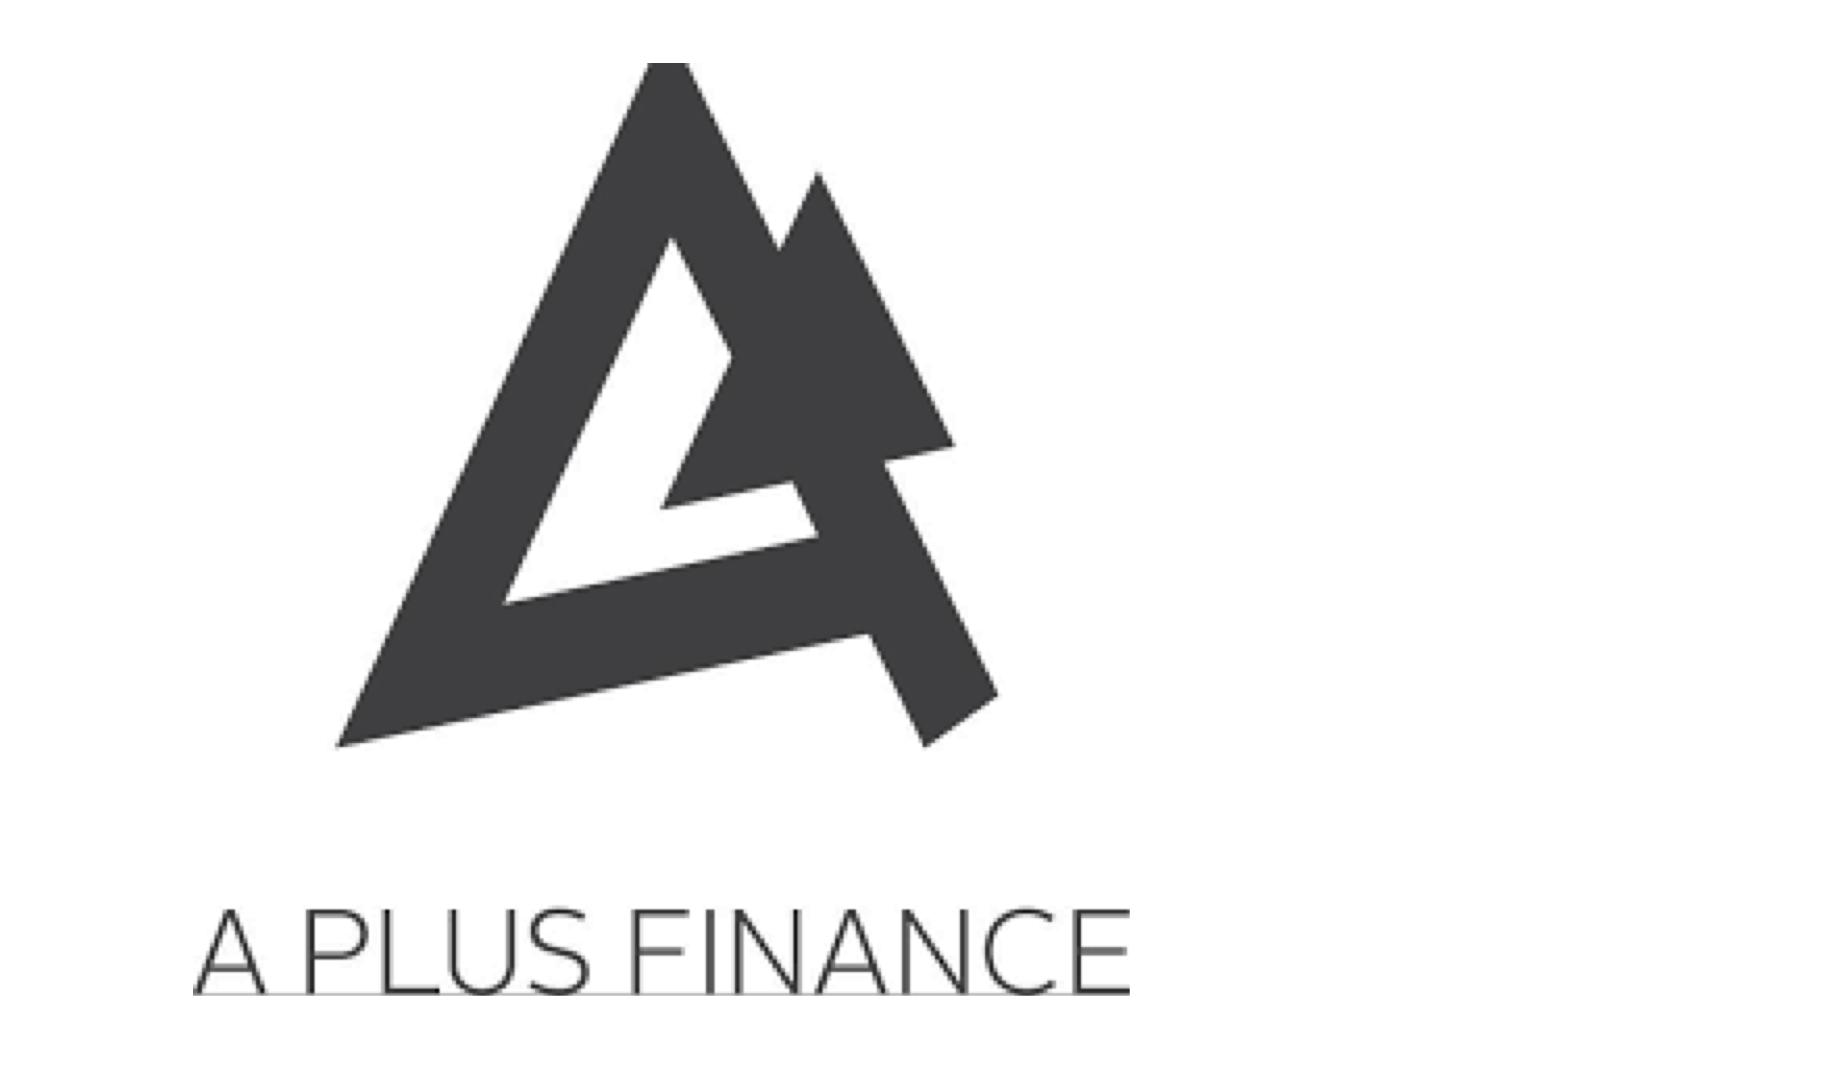 aplusfinance